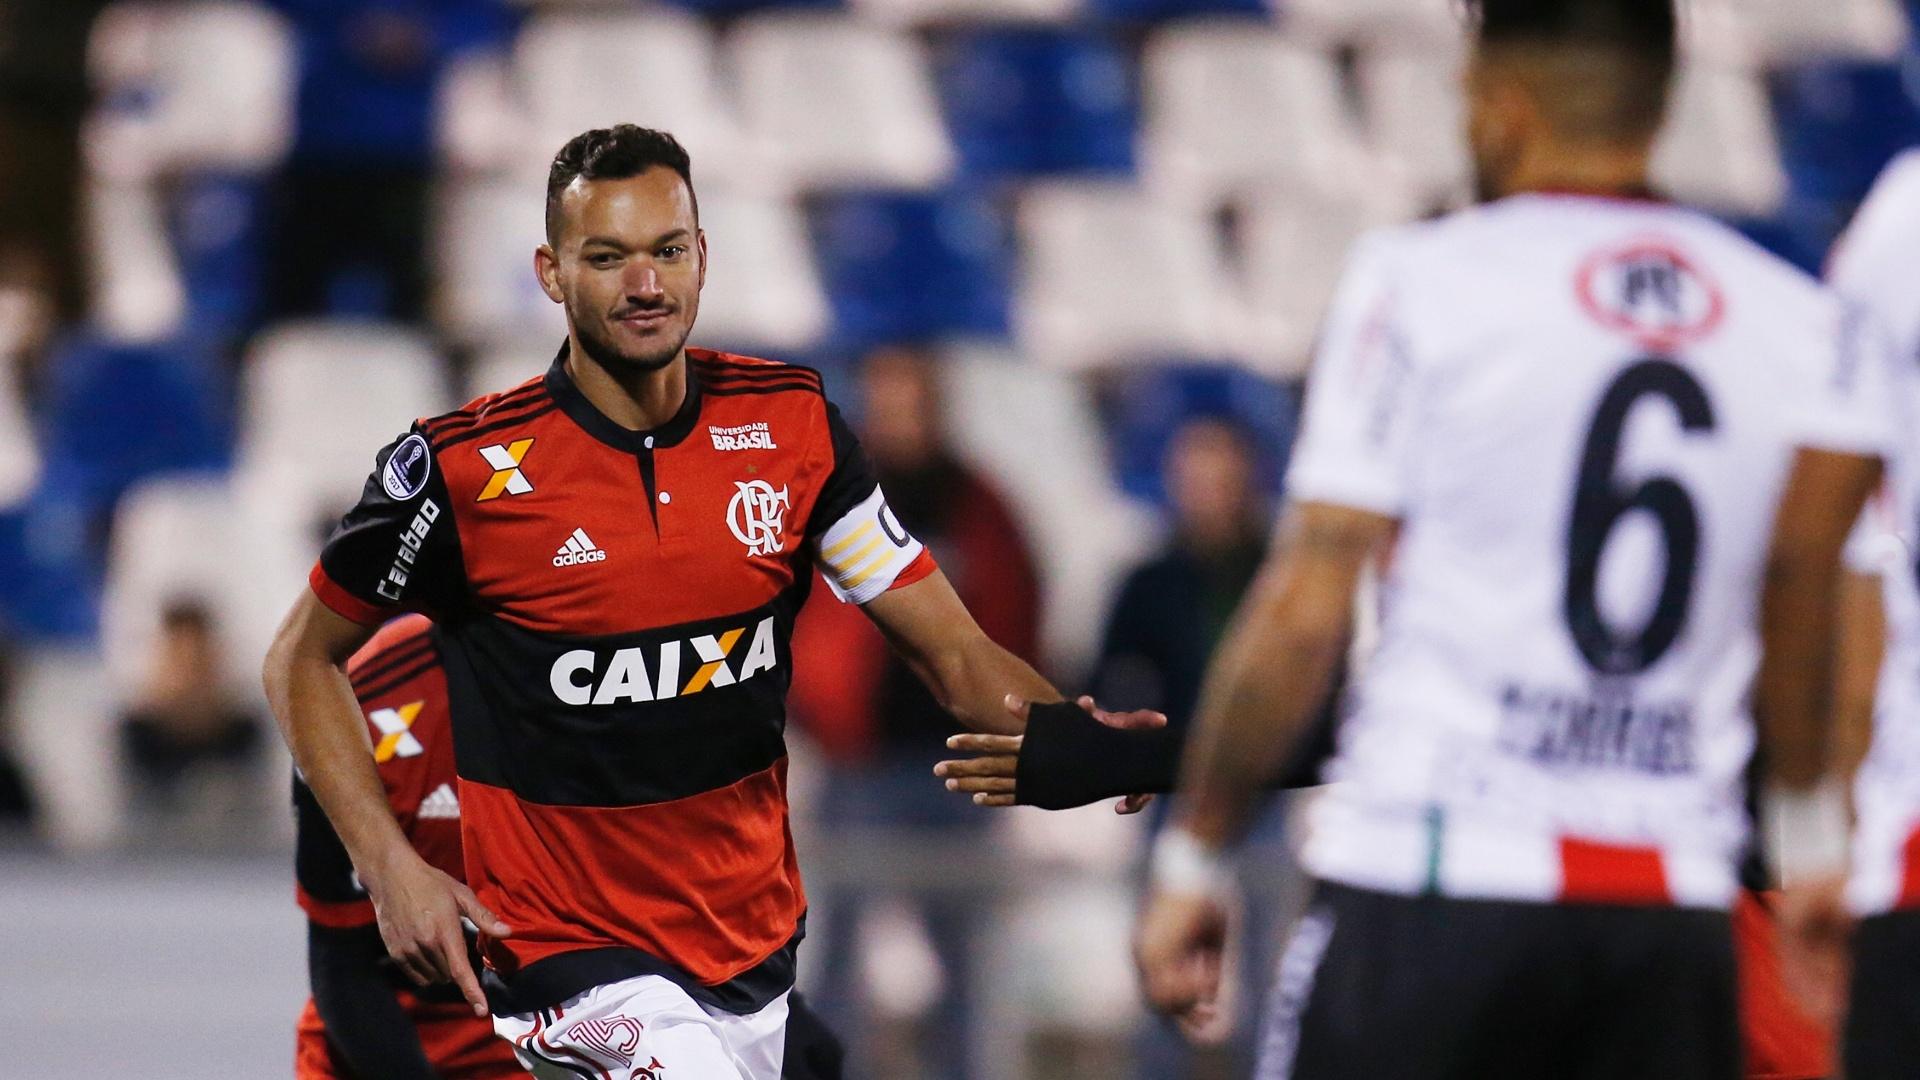 Rever comemora após abrir o placar para o Flamengo na Sul-Americana